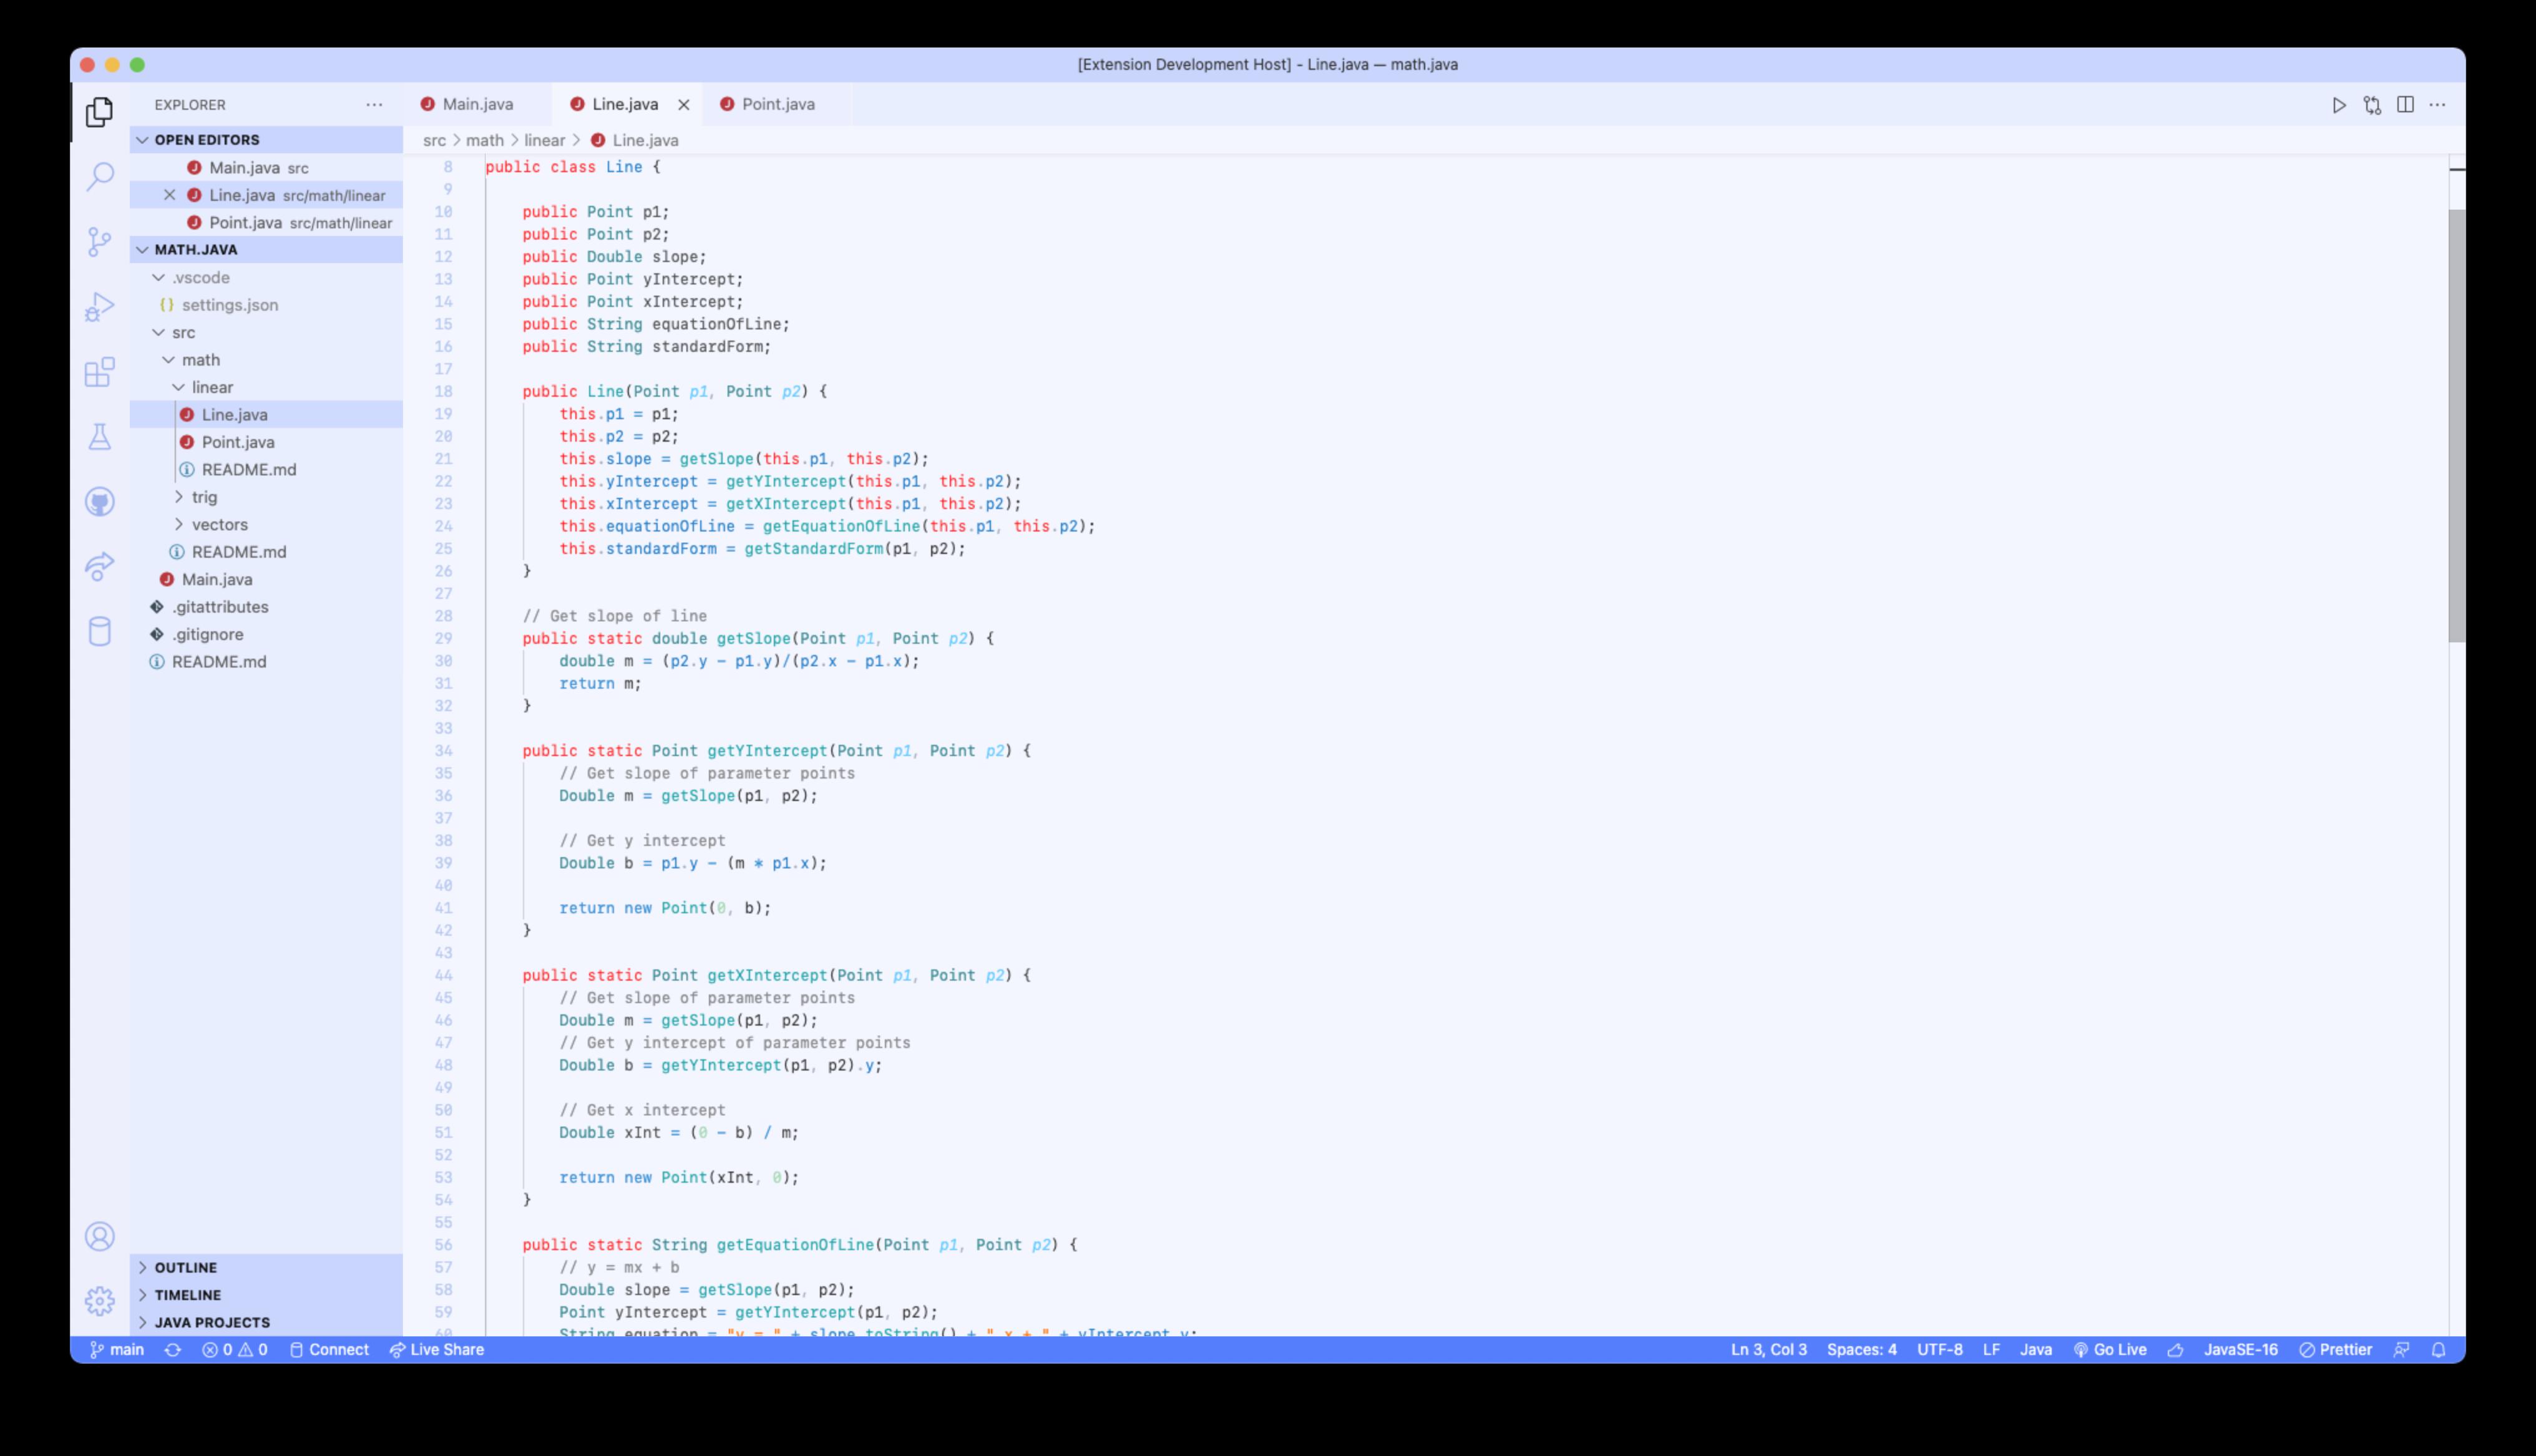 Even lighter theme screenshot